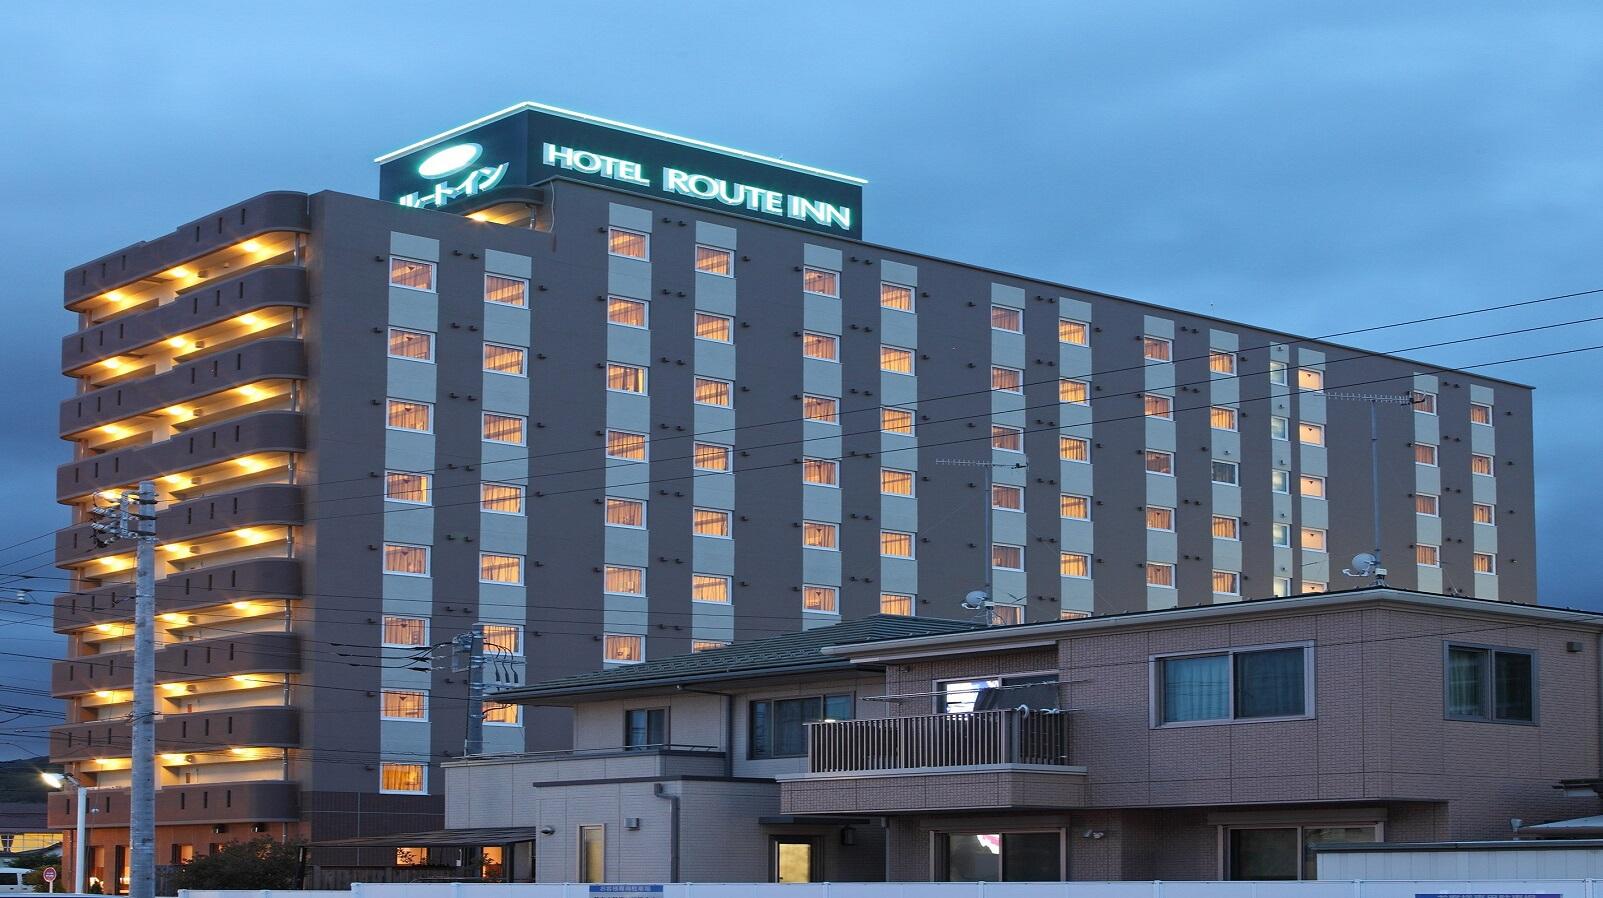 ホテル ルートイン伊勢原